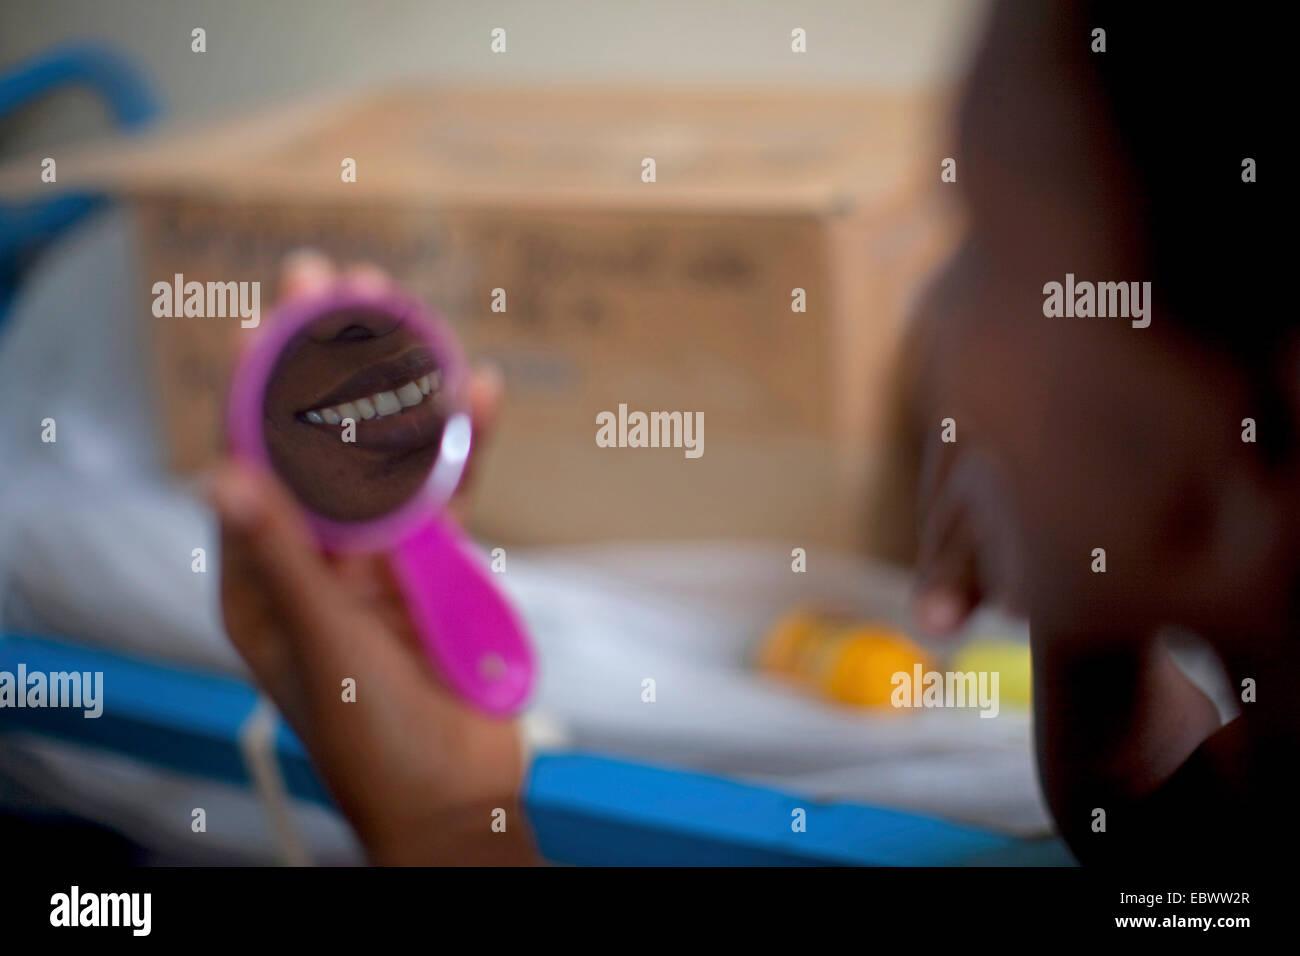 mouth of woman mirroring in pocket mirror, Burundi, Bujumbura - Stock Image